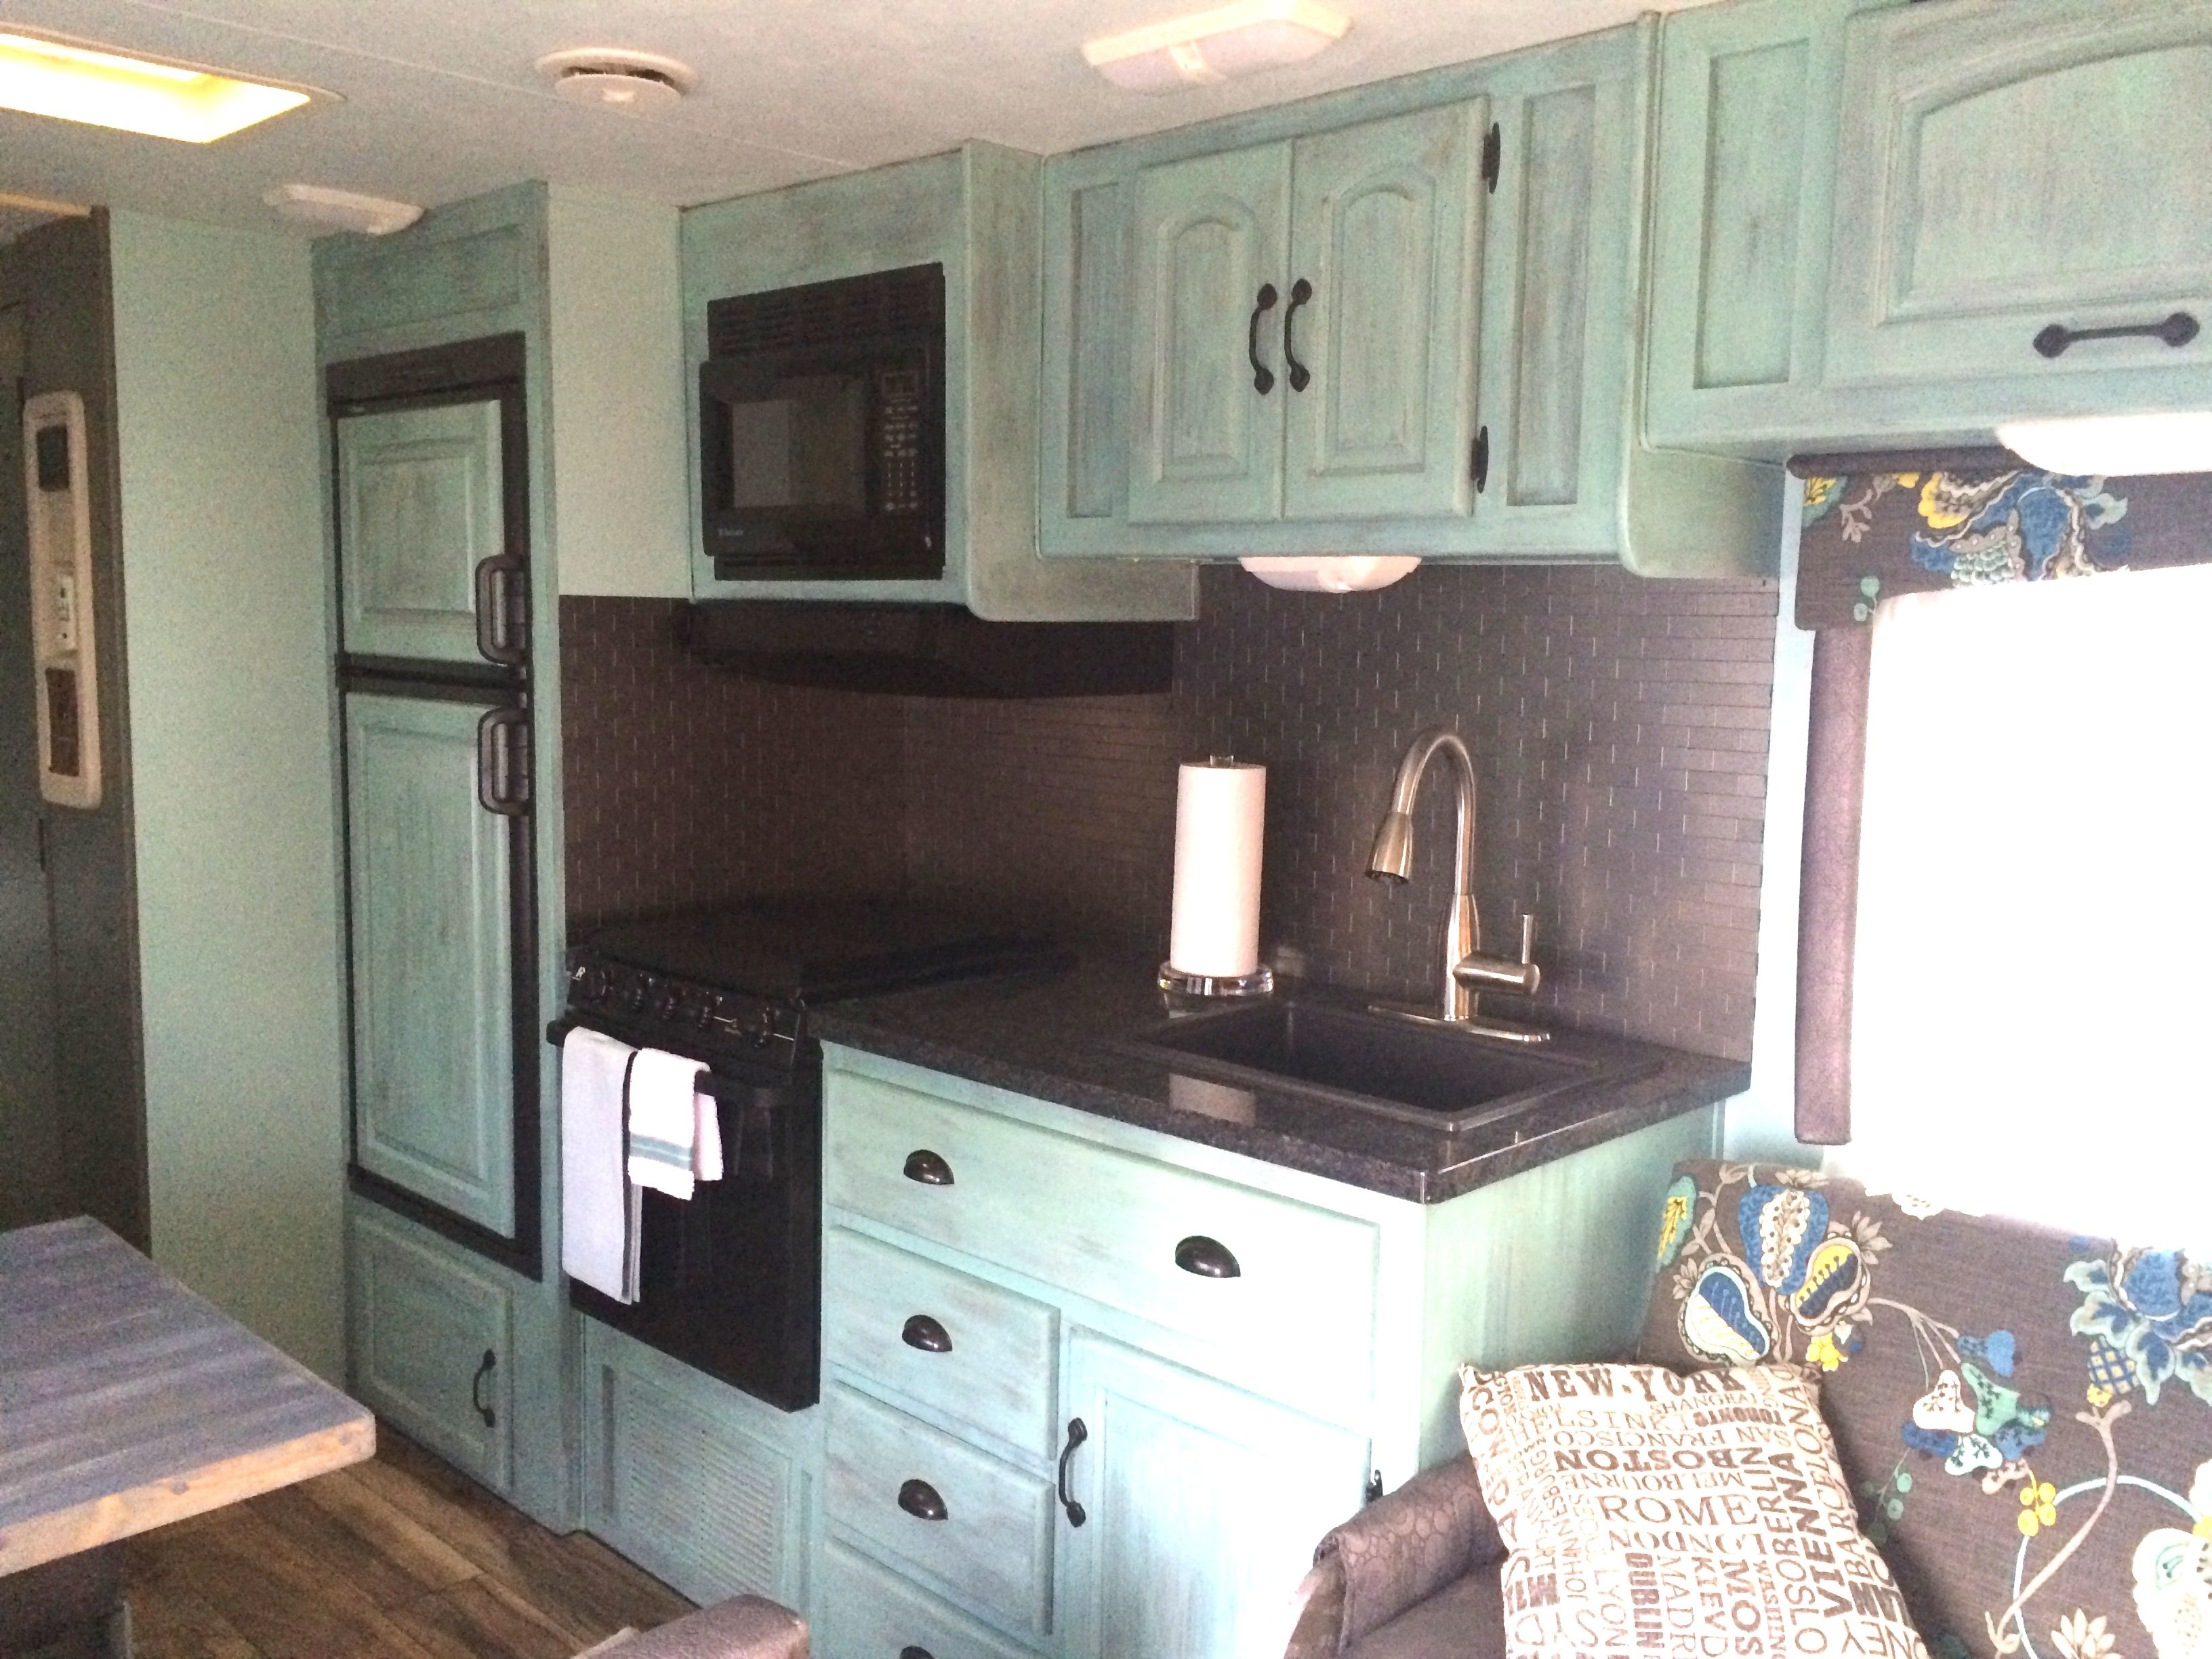 camper bathroom rv kitchen cabinets 25 best ideas about Camper Bathroom on Pinterest Painted bathroom cabinets Painting cabinets and Kitchen cupboard redo